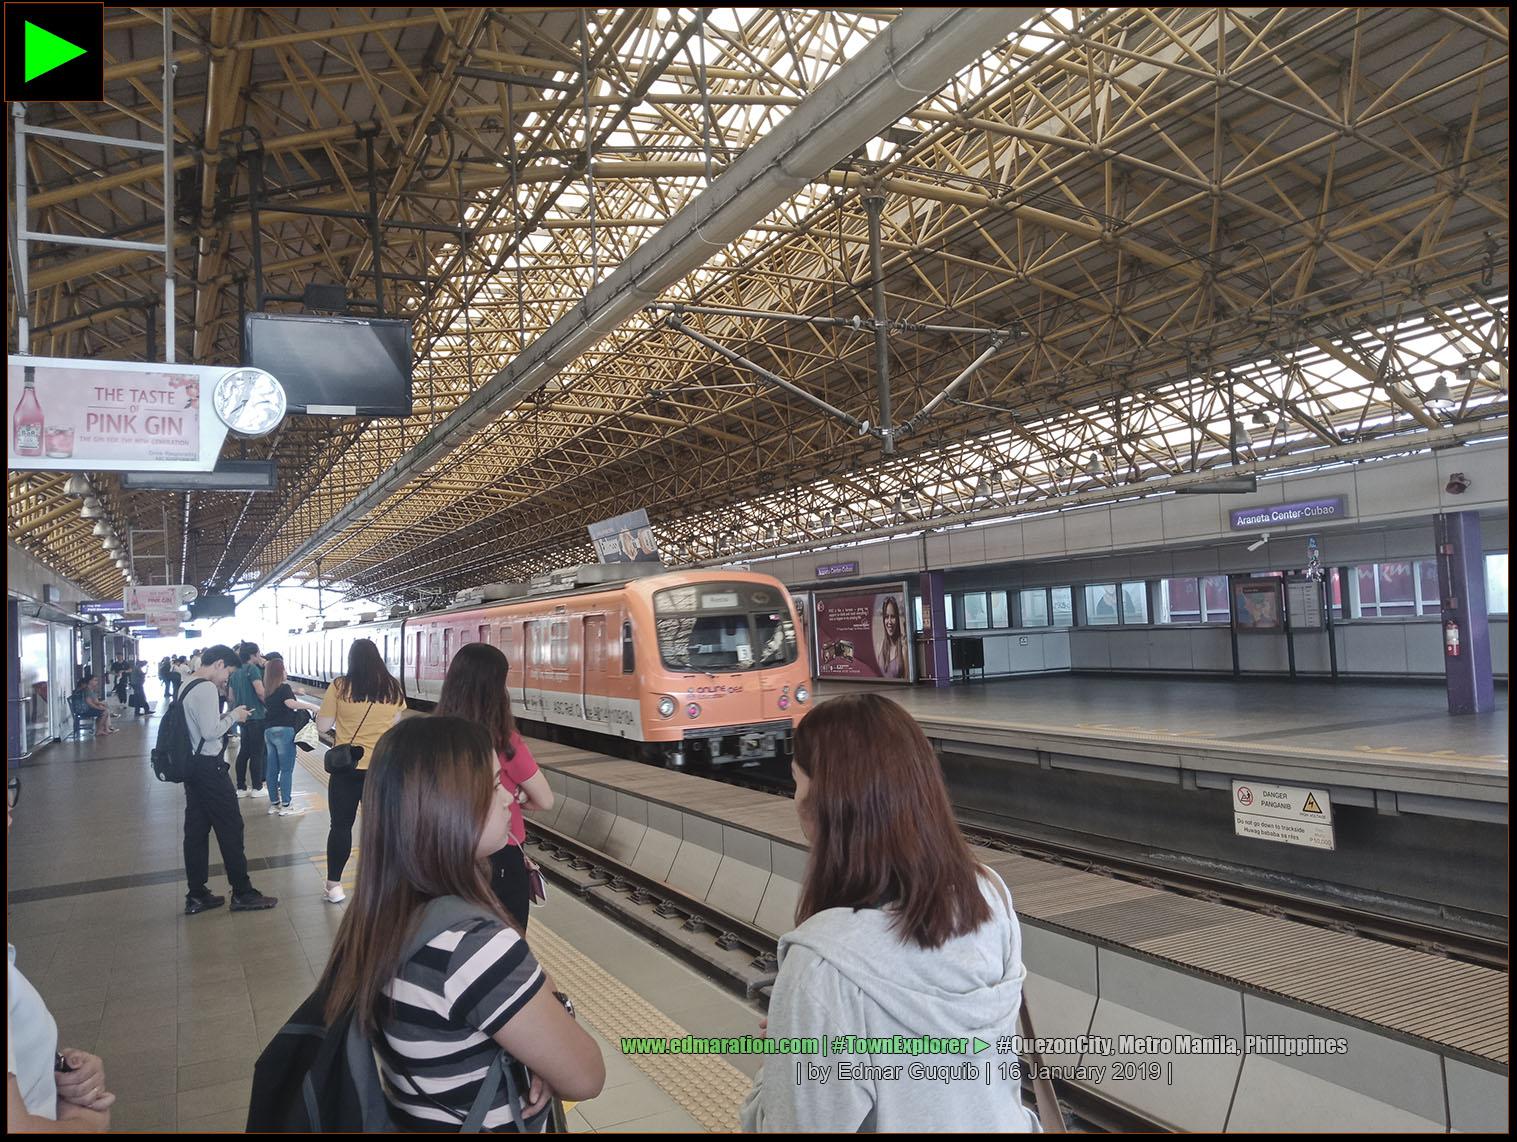 CUBAO LRT STATION